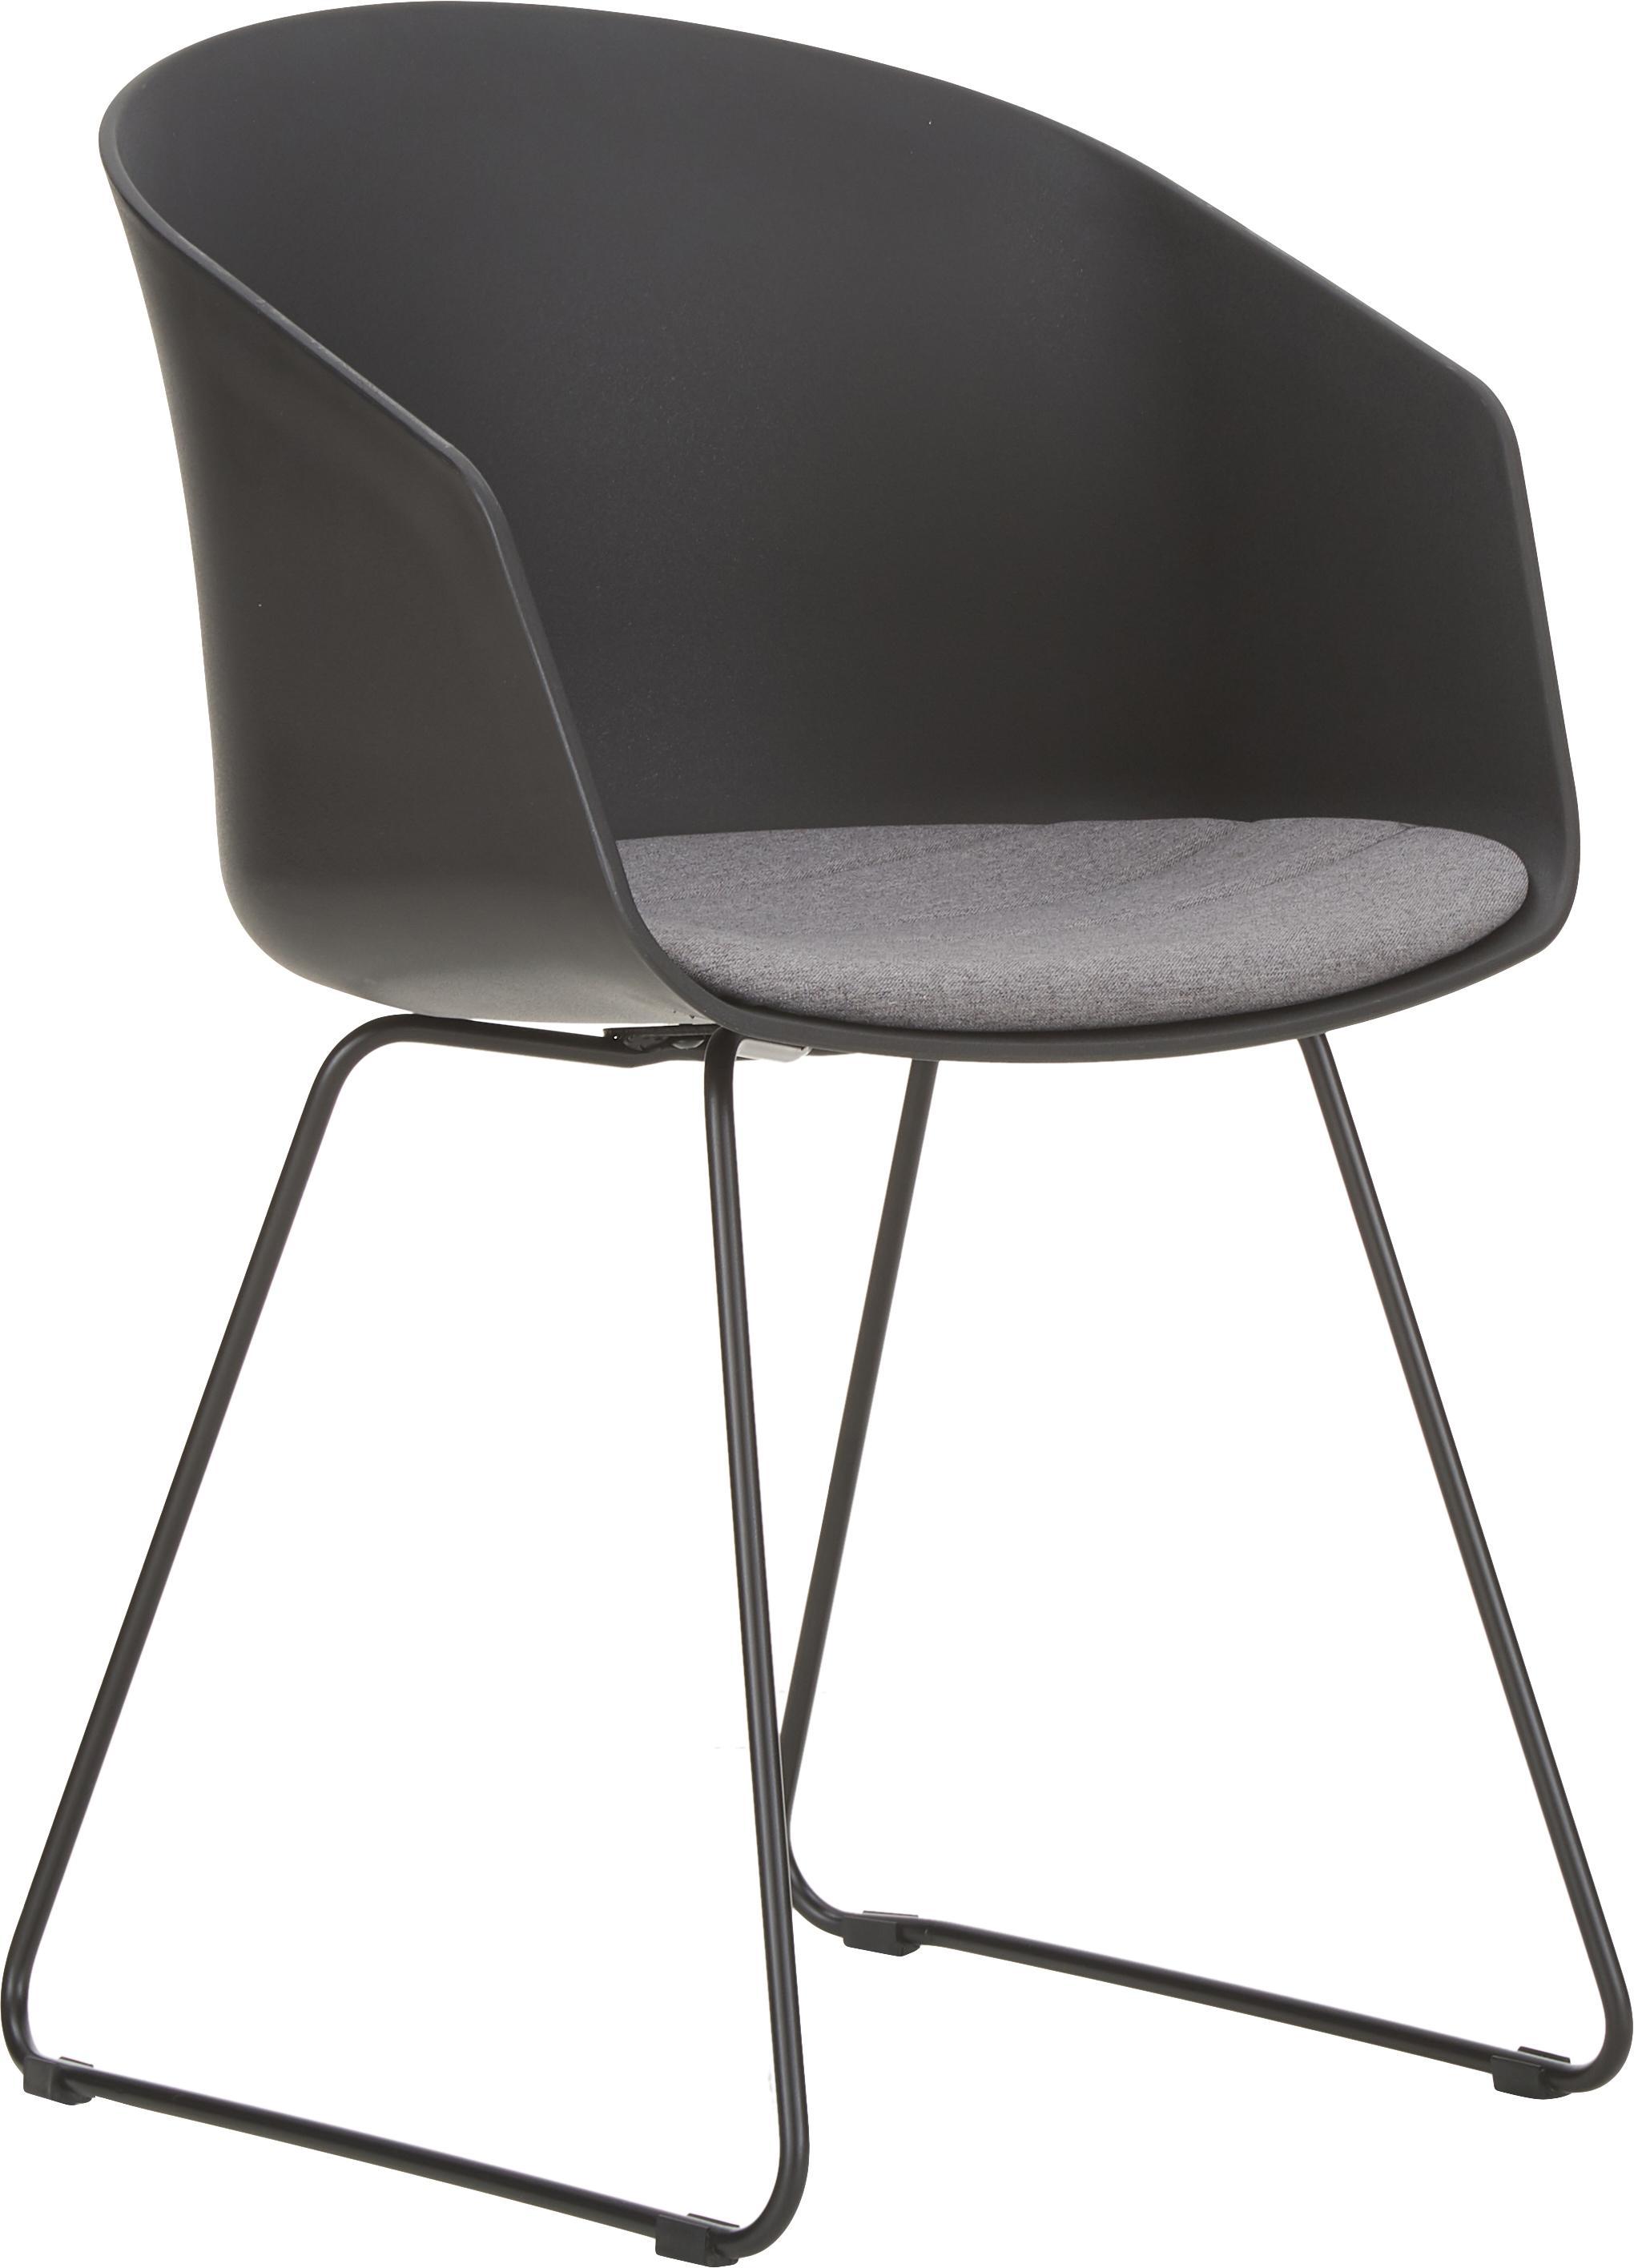 Sillas con reposabrazos Bogart, 2uds., Asiento: plástico, Patas: metal, pintado, Negro, An 51 x Al 81 cm